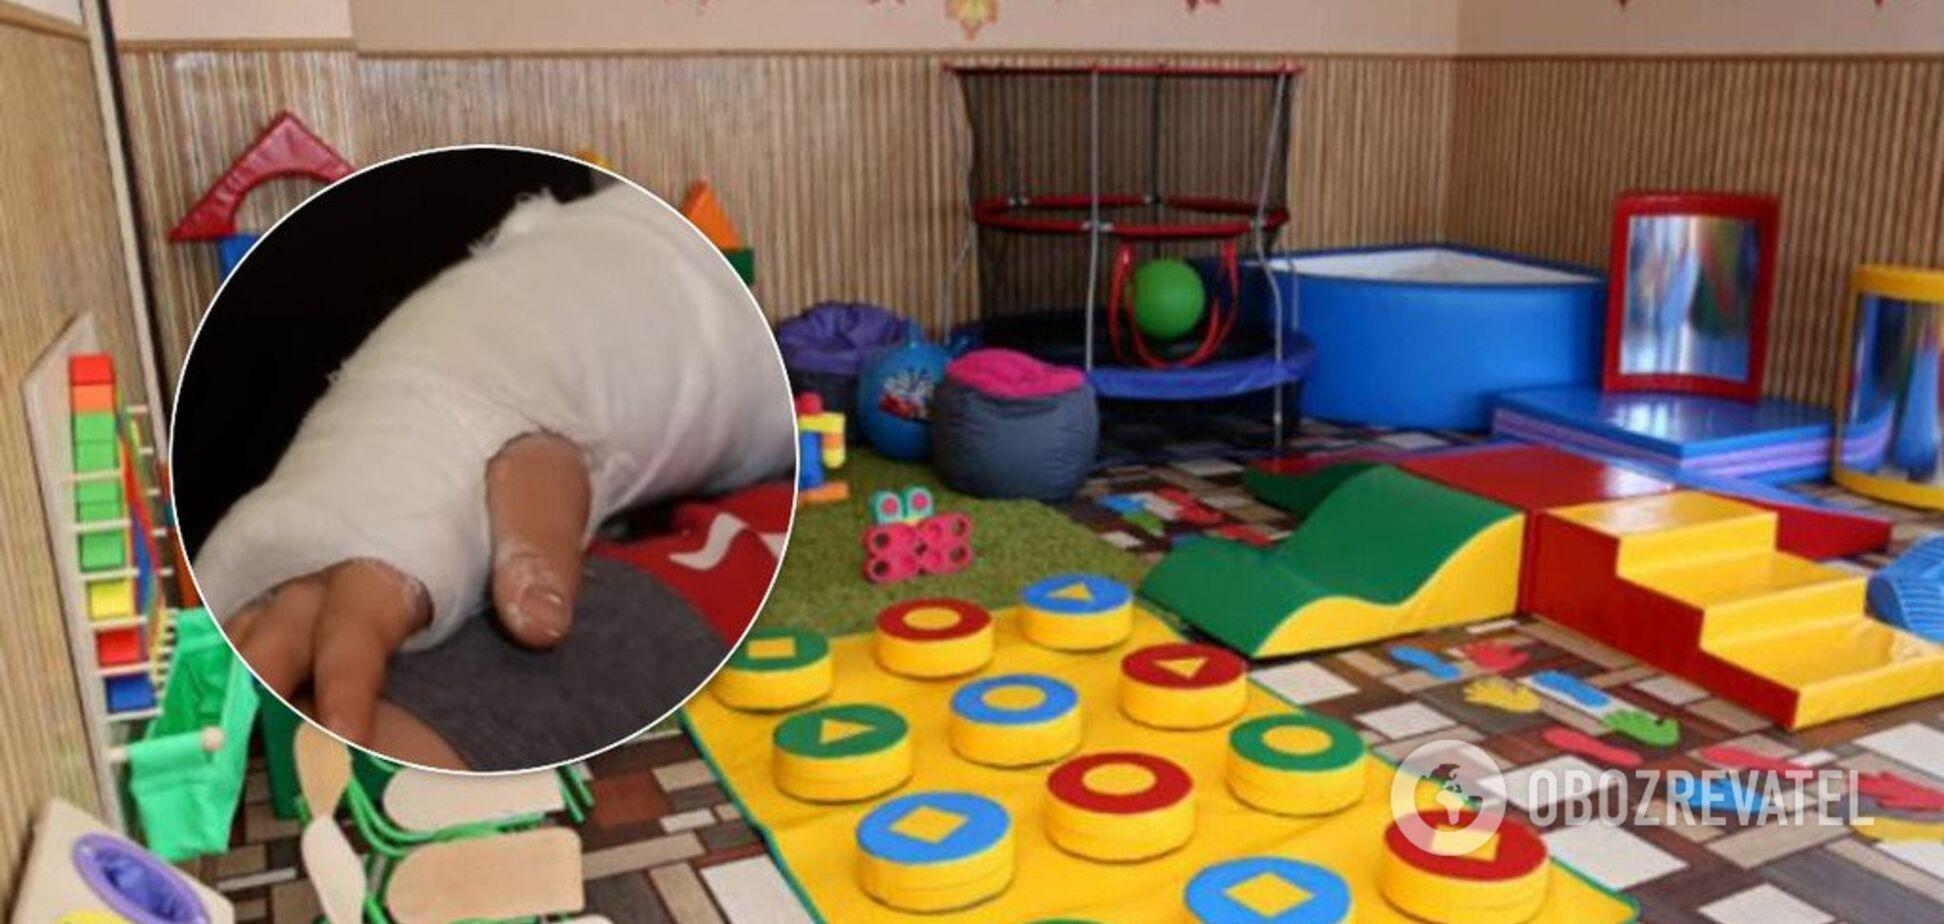 У російському дитсадку дитині зі зламаною ногою не викликали швидку 2,5 години